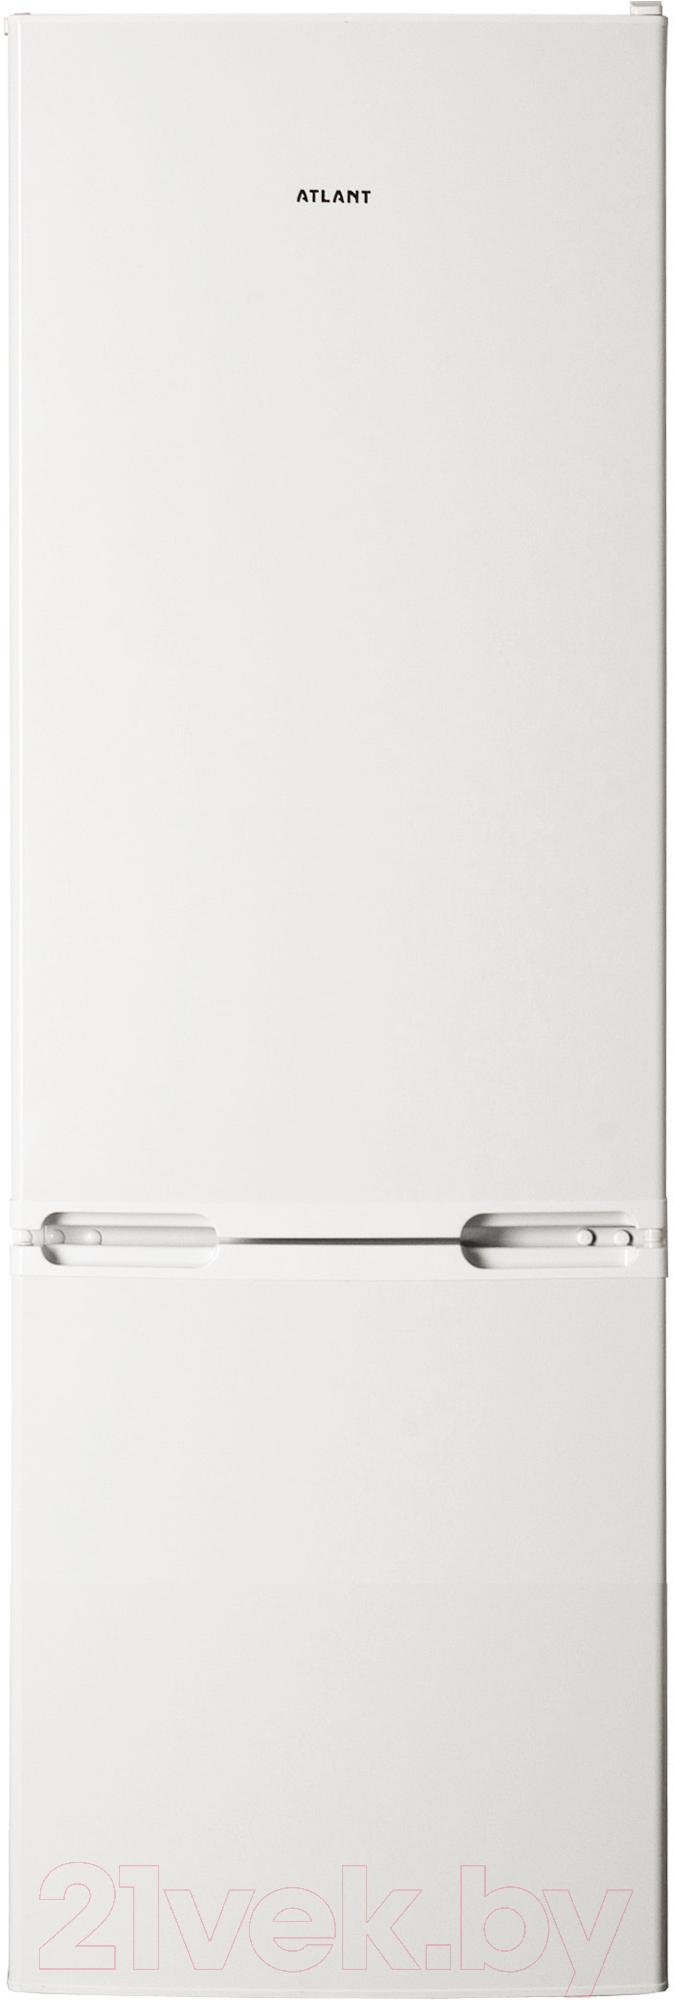 Купить Холодильник с морозильником ATLANT, ХМ 4209-000, Беларусь